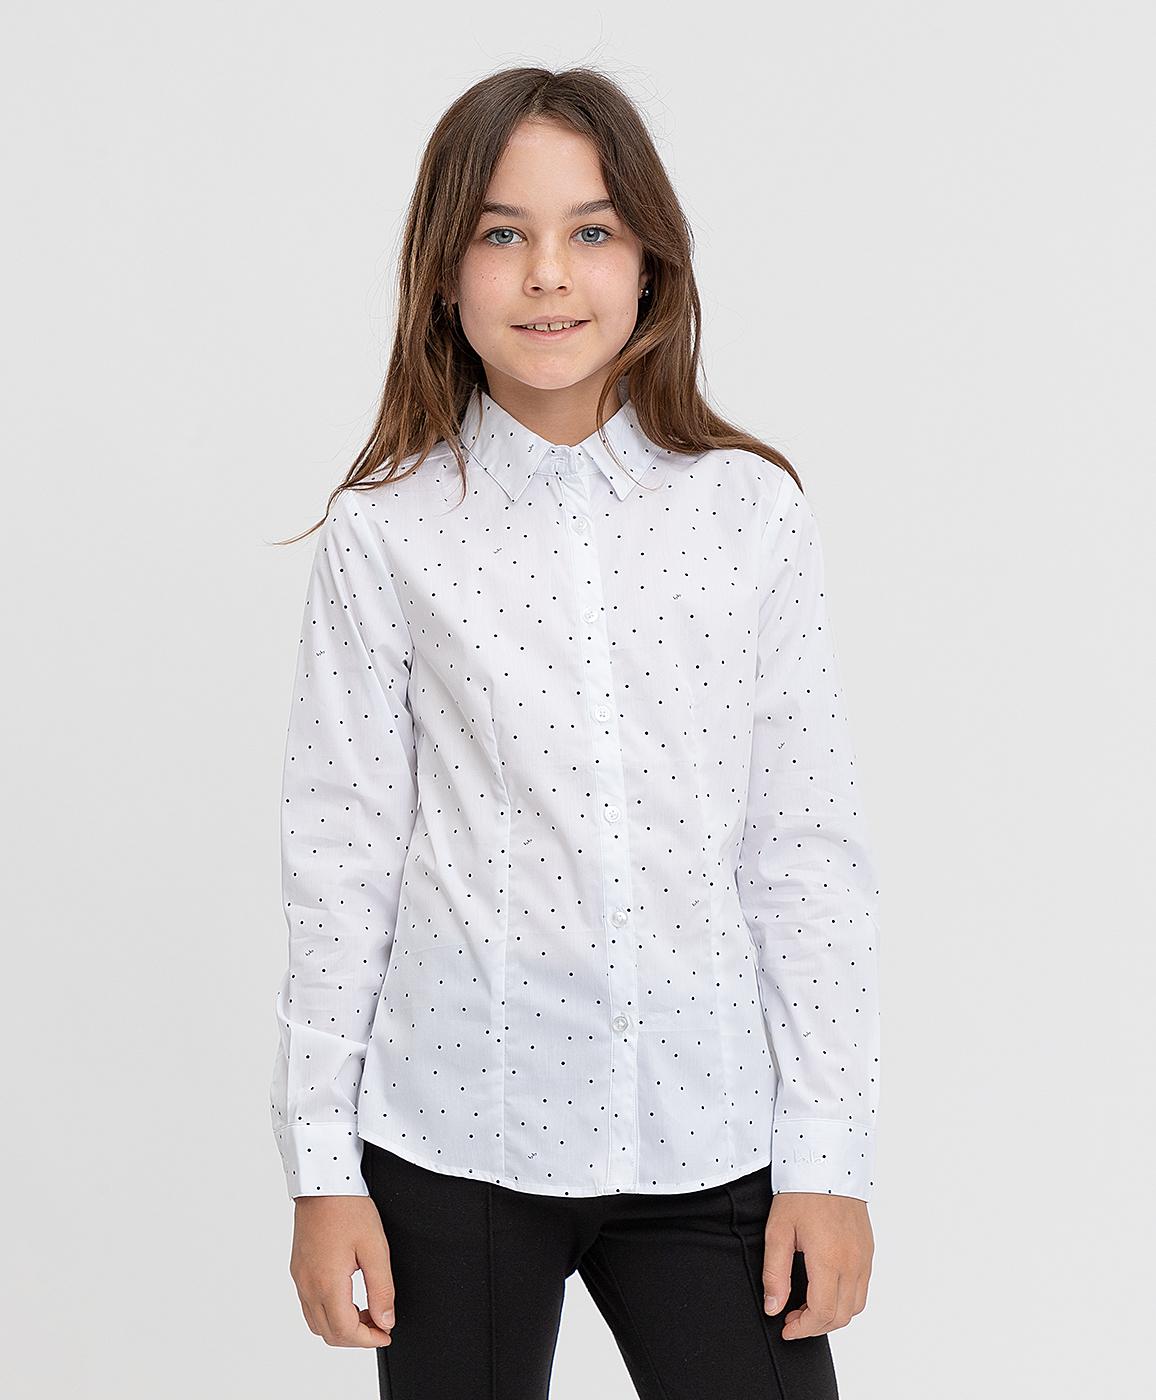 Купить 221BBGS22050204, Блузка белая с рисунком Button Blue, 122, Хлопок, Женский, ШКОЛЬНАЯ ФОРМА 2021-2022 (shop: GulliverMarket Gulliver Market)